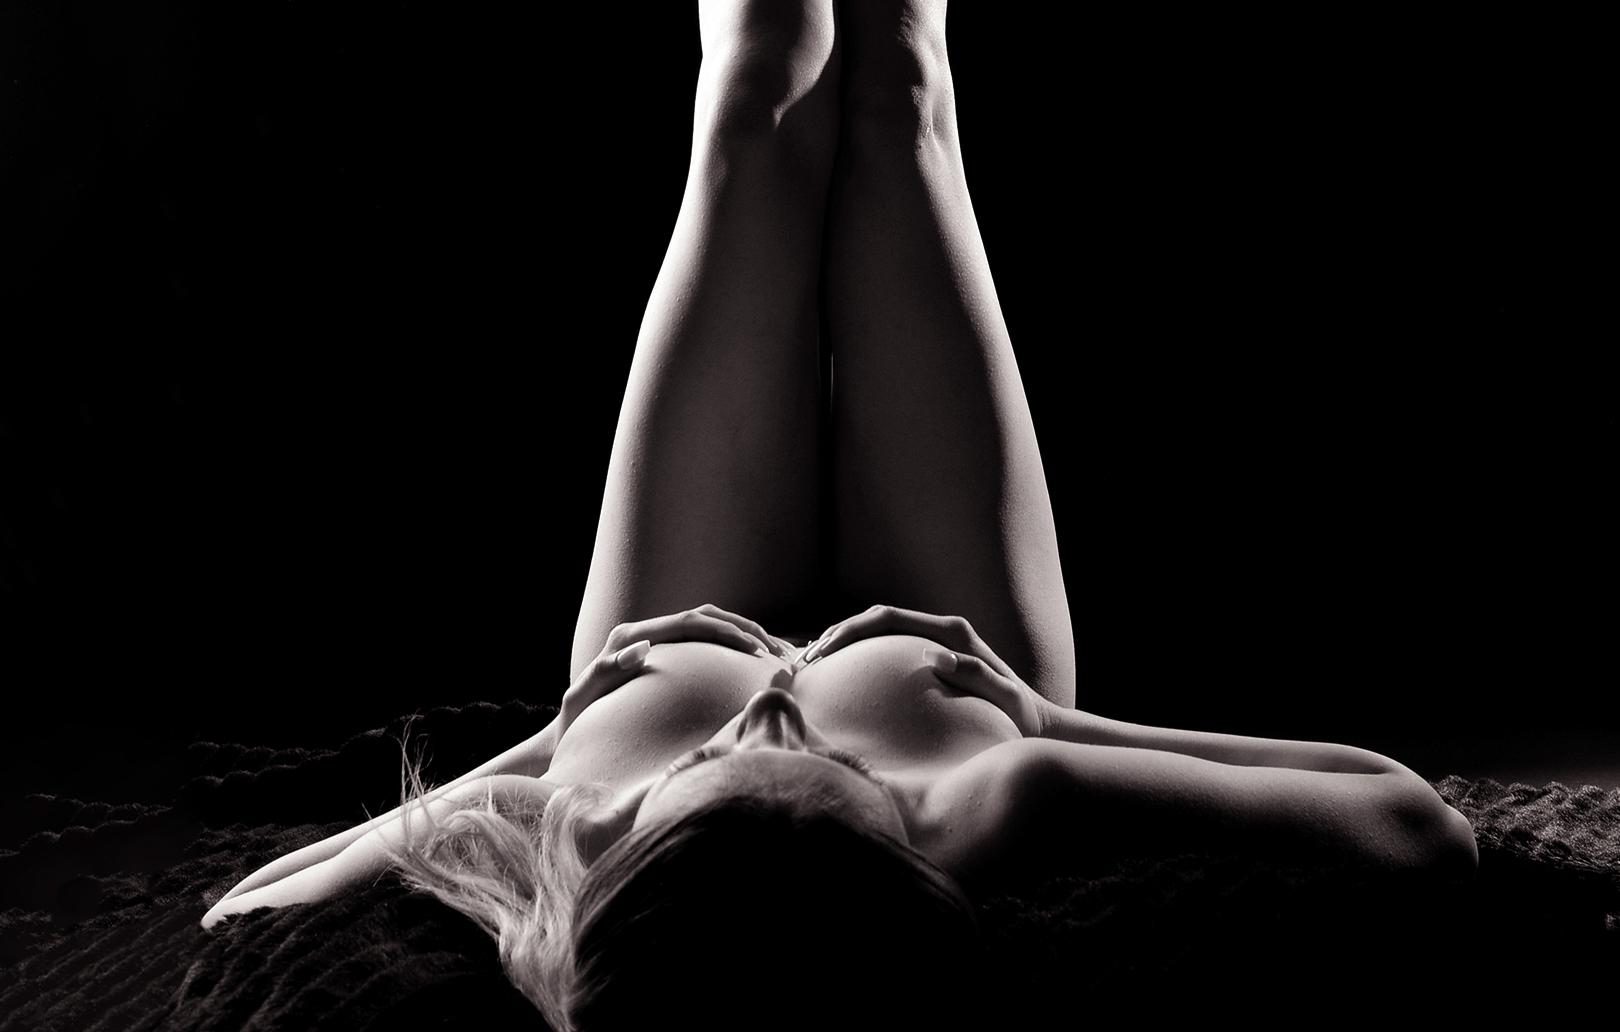 erotisches-fotoshooting-muenchen-bg21610533241